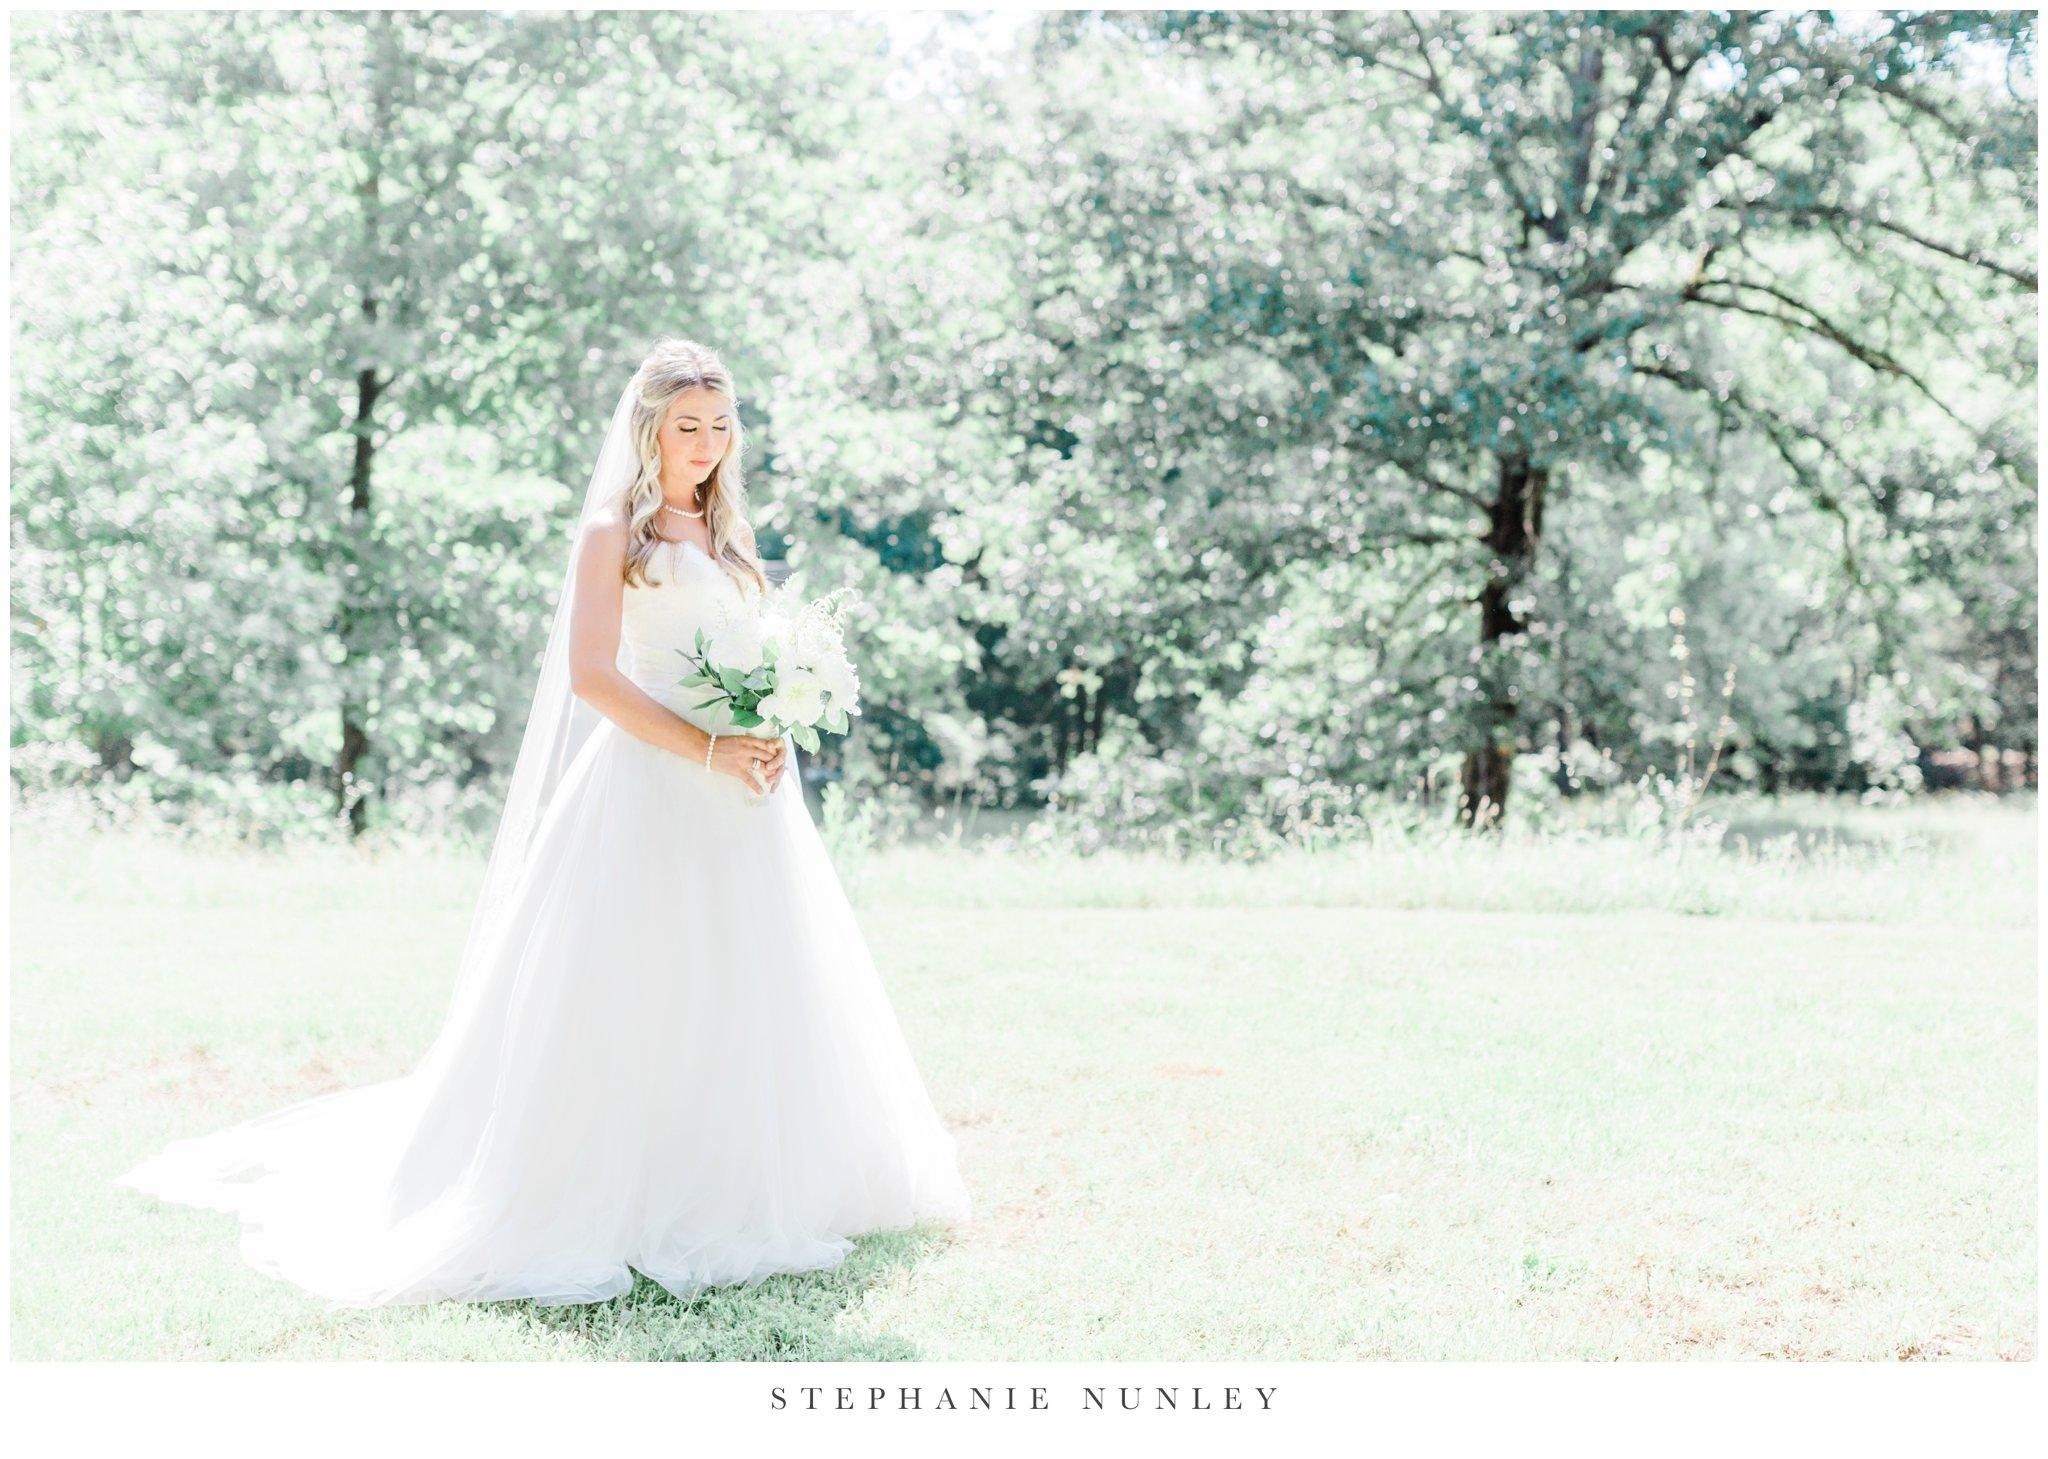 cold-springs-wedding-photos-in-arkansas-0050.jpg